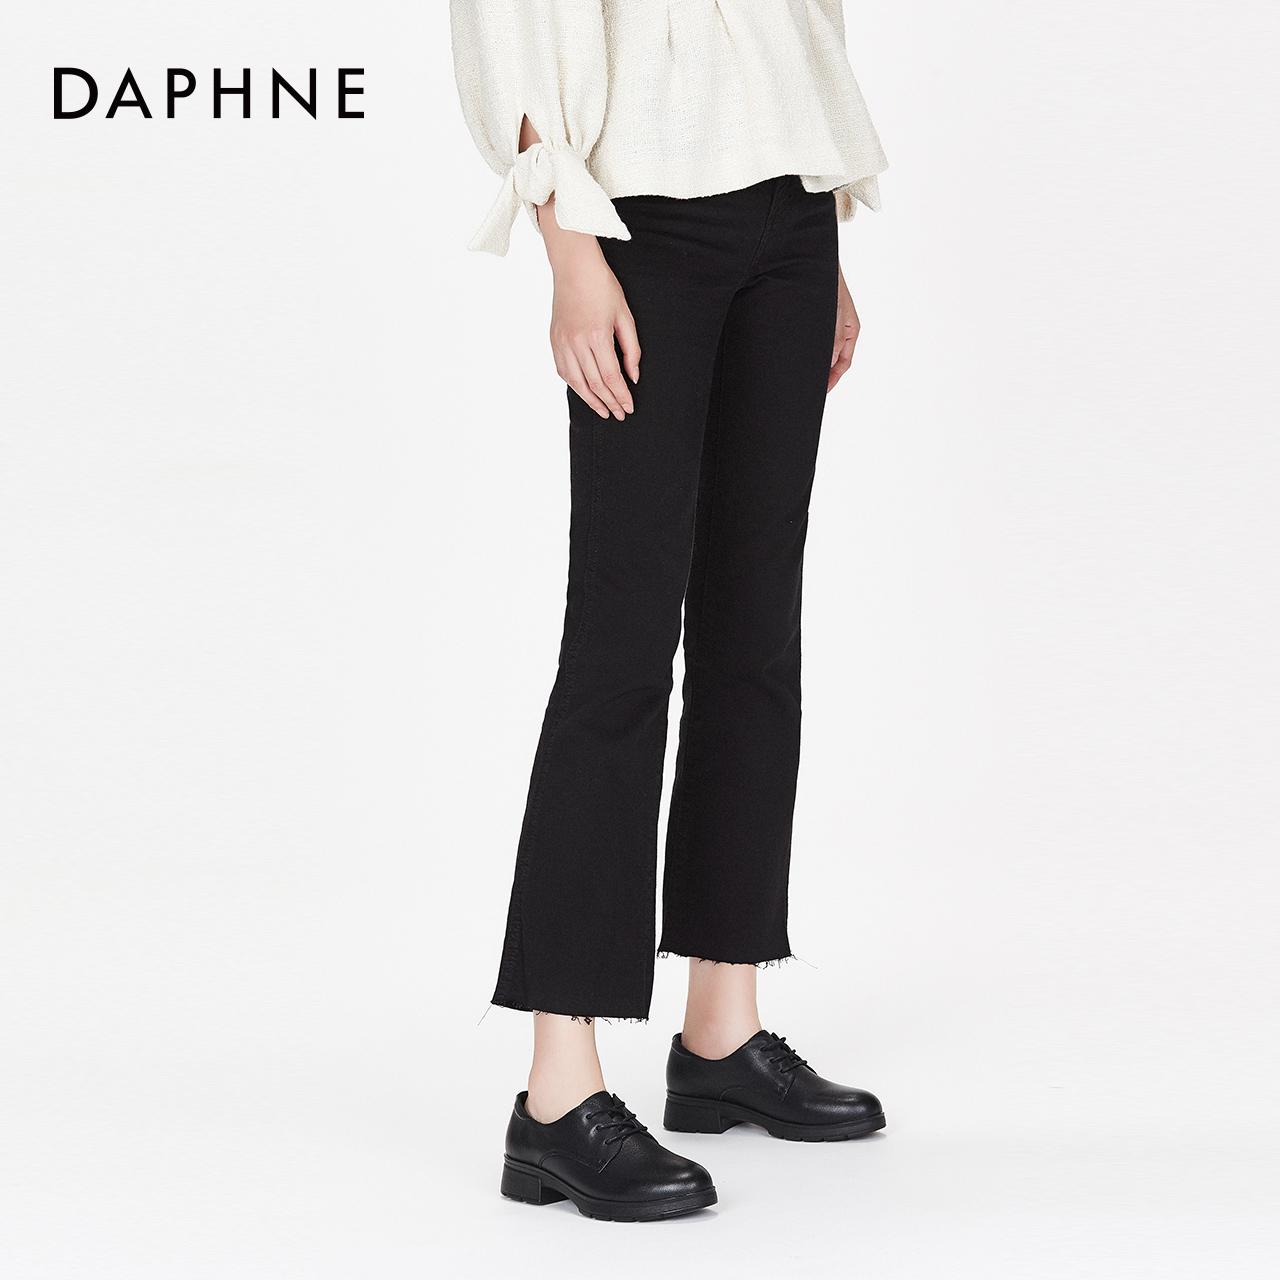 秋新款简约牛皮圆头牛津鞋休闲纯色系带单鞋女 2018 达芙妮 Daphne